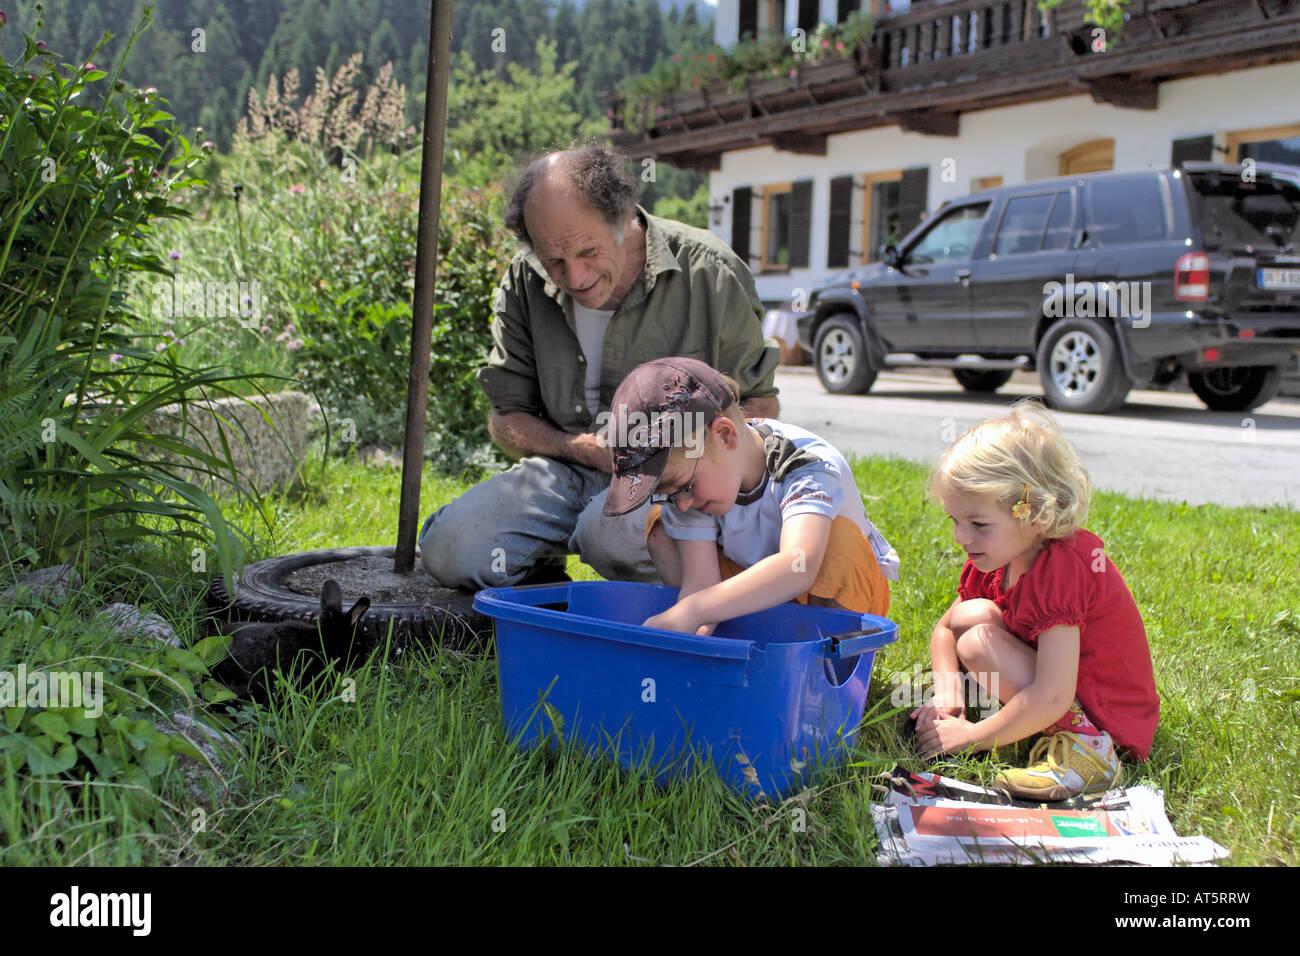 Il nonno e grand bambini che giocano in giardino Immagini Stock